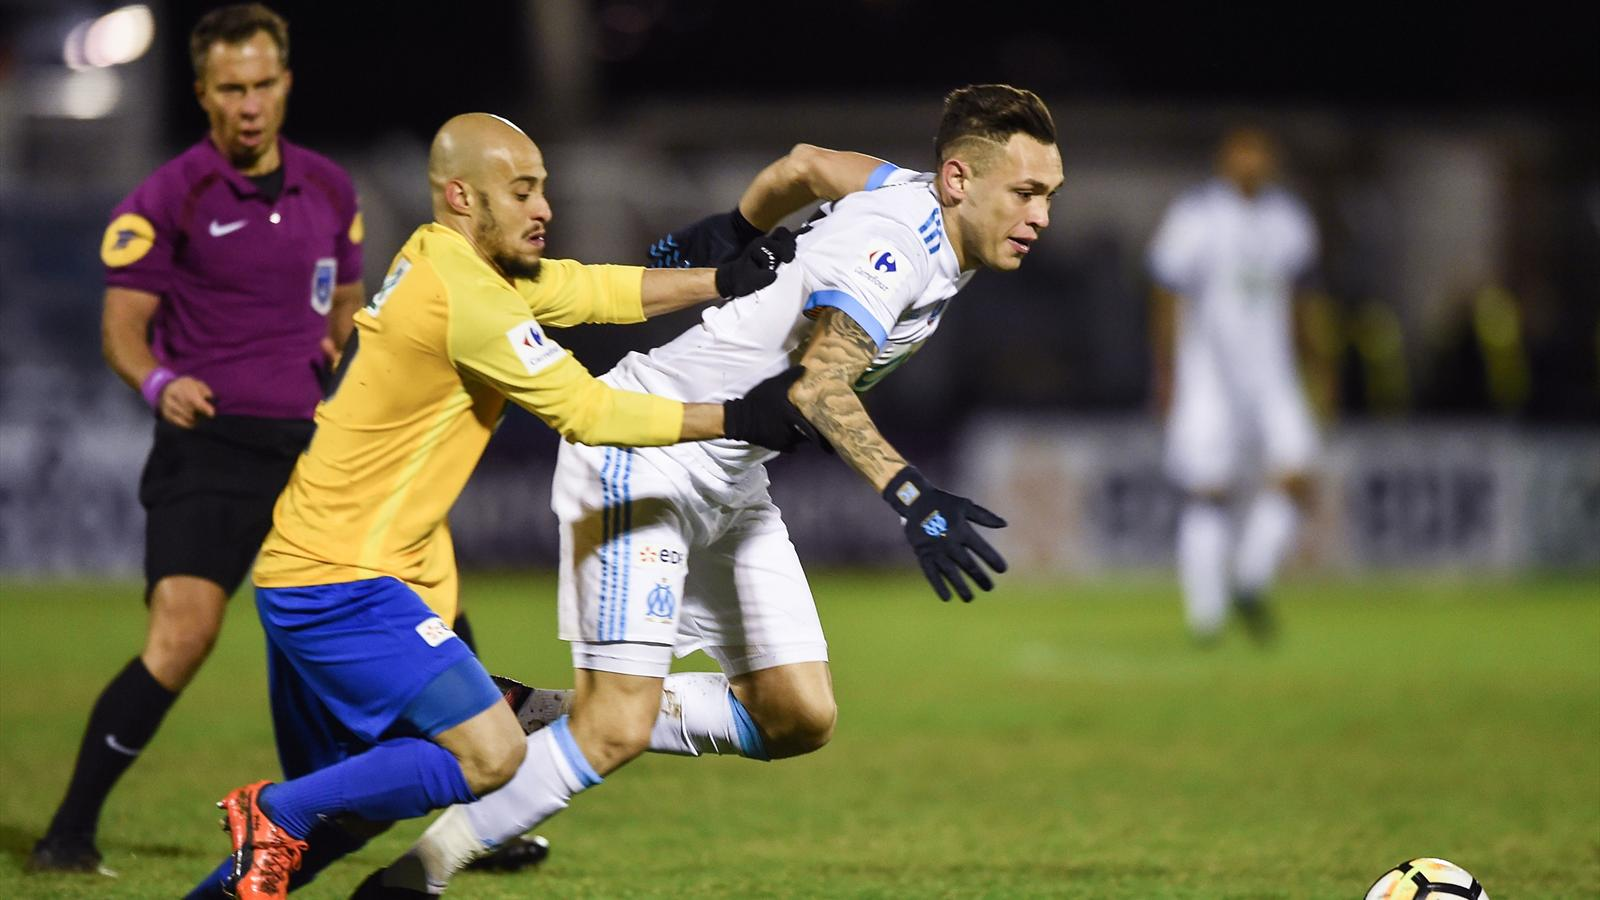 En direct live sas pinal om coupe de france 23 janvier 2018 eurosport - Coupe de france football calendrier ...